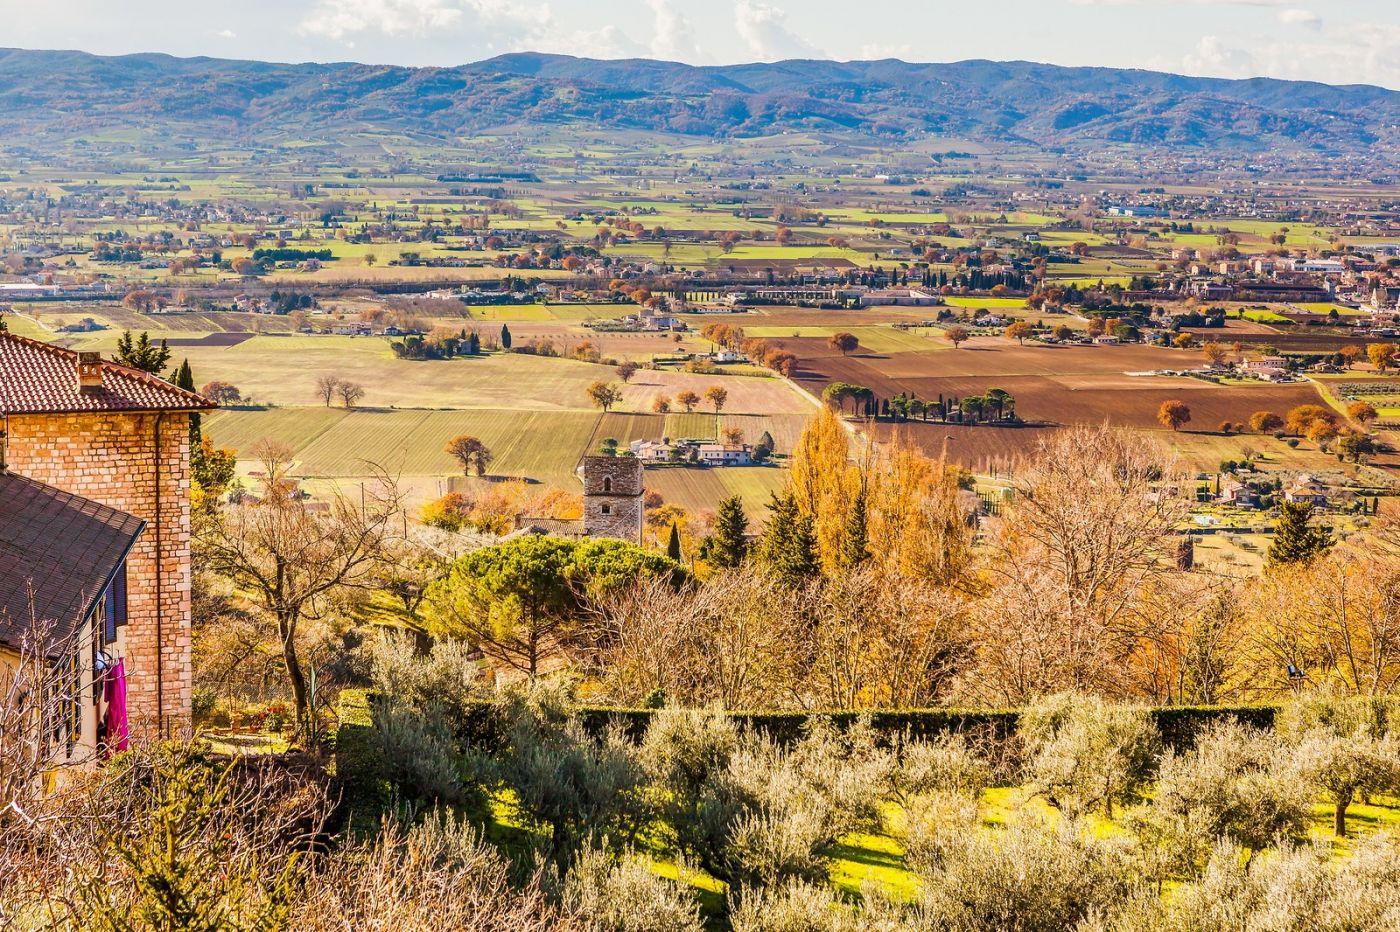 意大利阿西西(Assisi), 登高放眼_图1-21